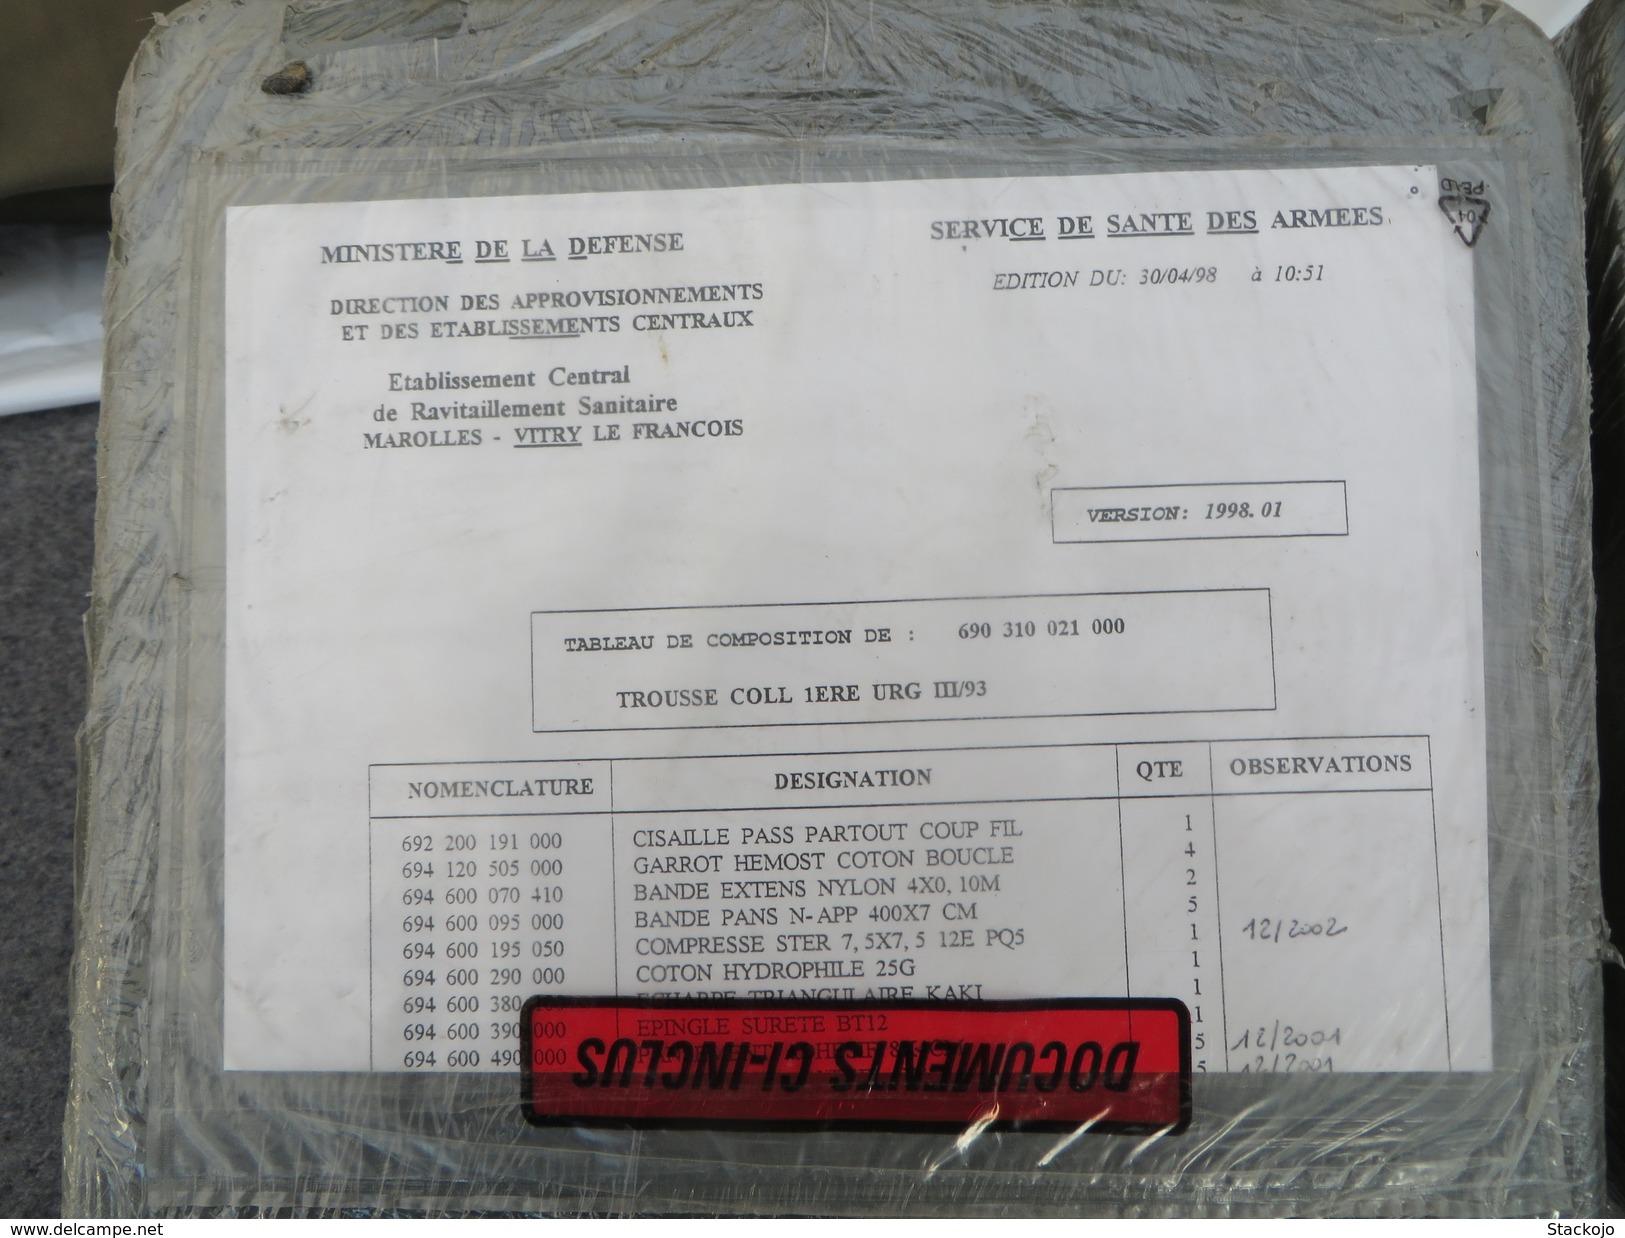 Trousse De 1er Urgence Collective De L'Armée Française - Equipement